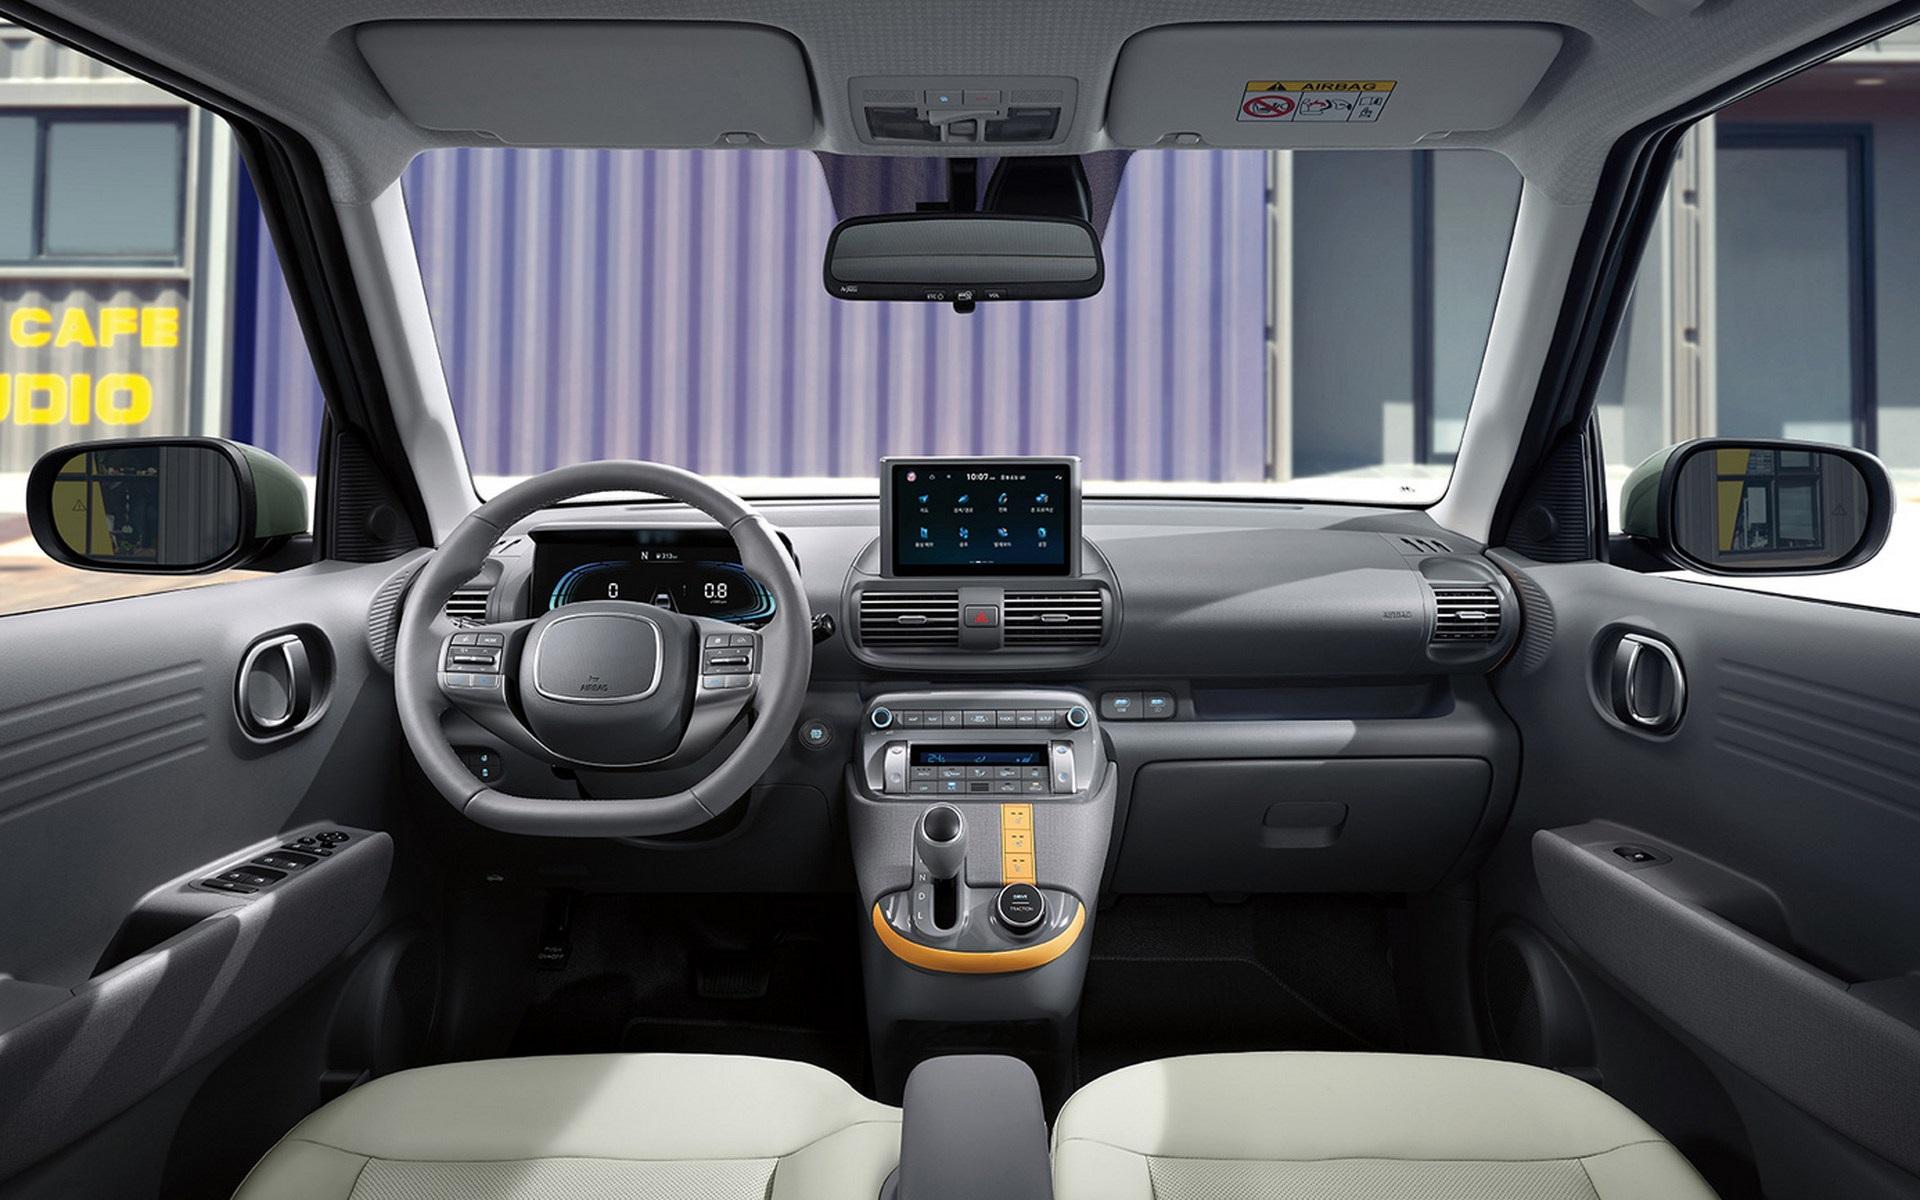 Mở bán tân binh Casper- mẫu SUV rẻ nhất của Hyundai - Ảnh 3.